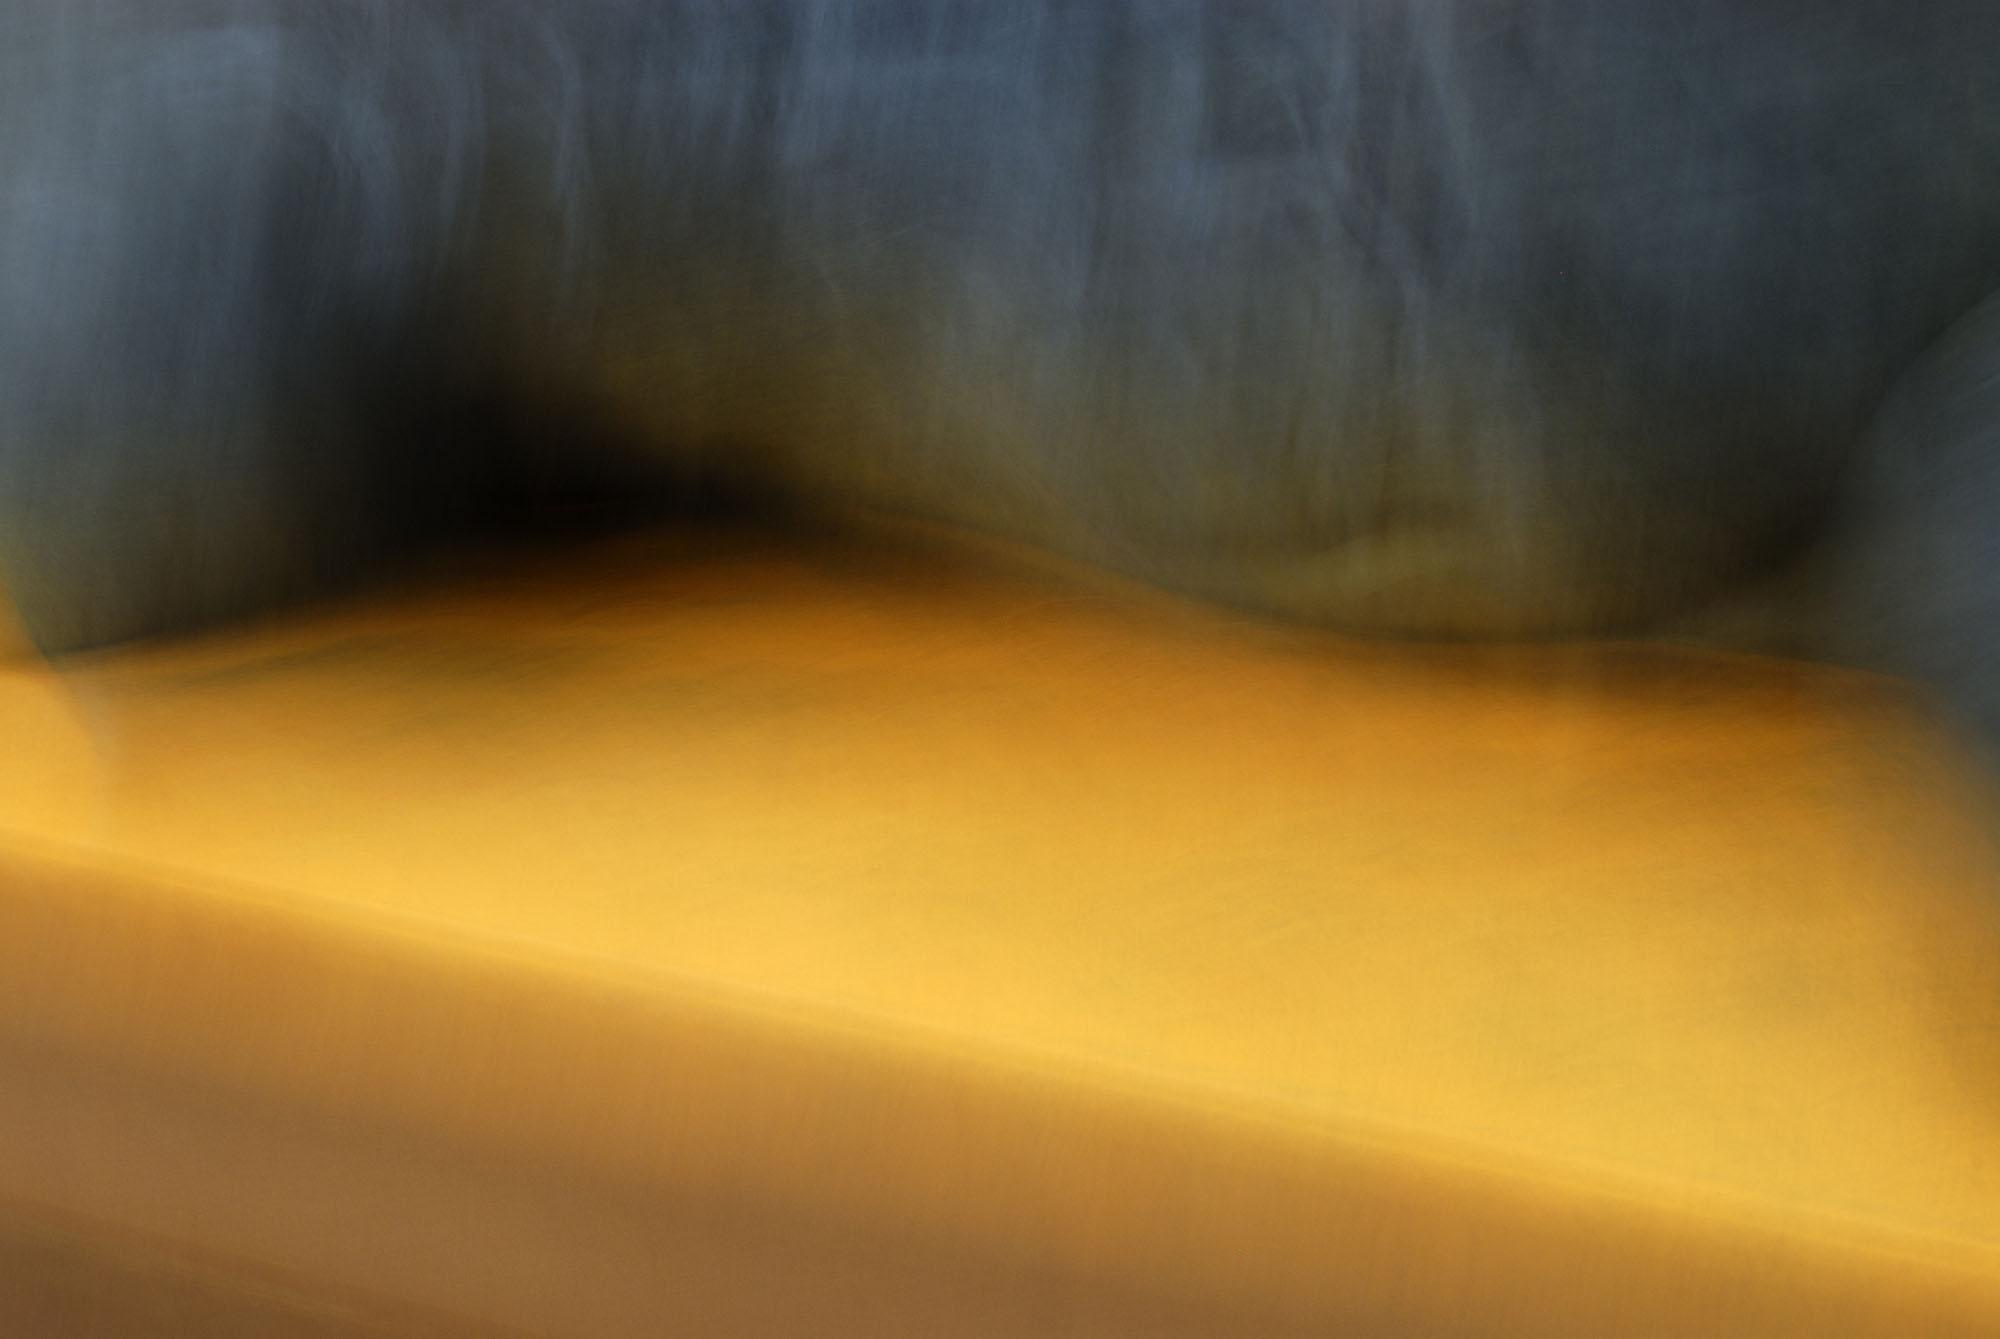 Foto van vage gele en blauwe vormen aan de bovenkant